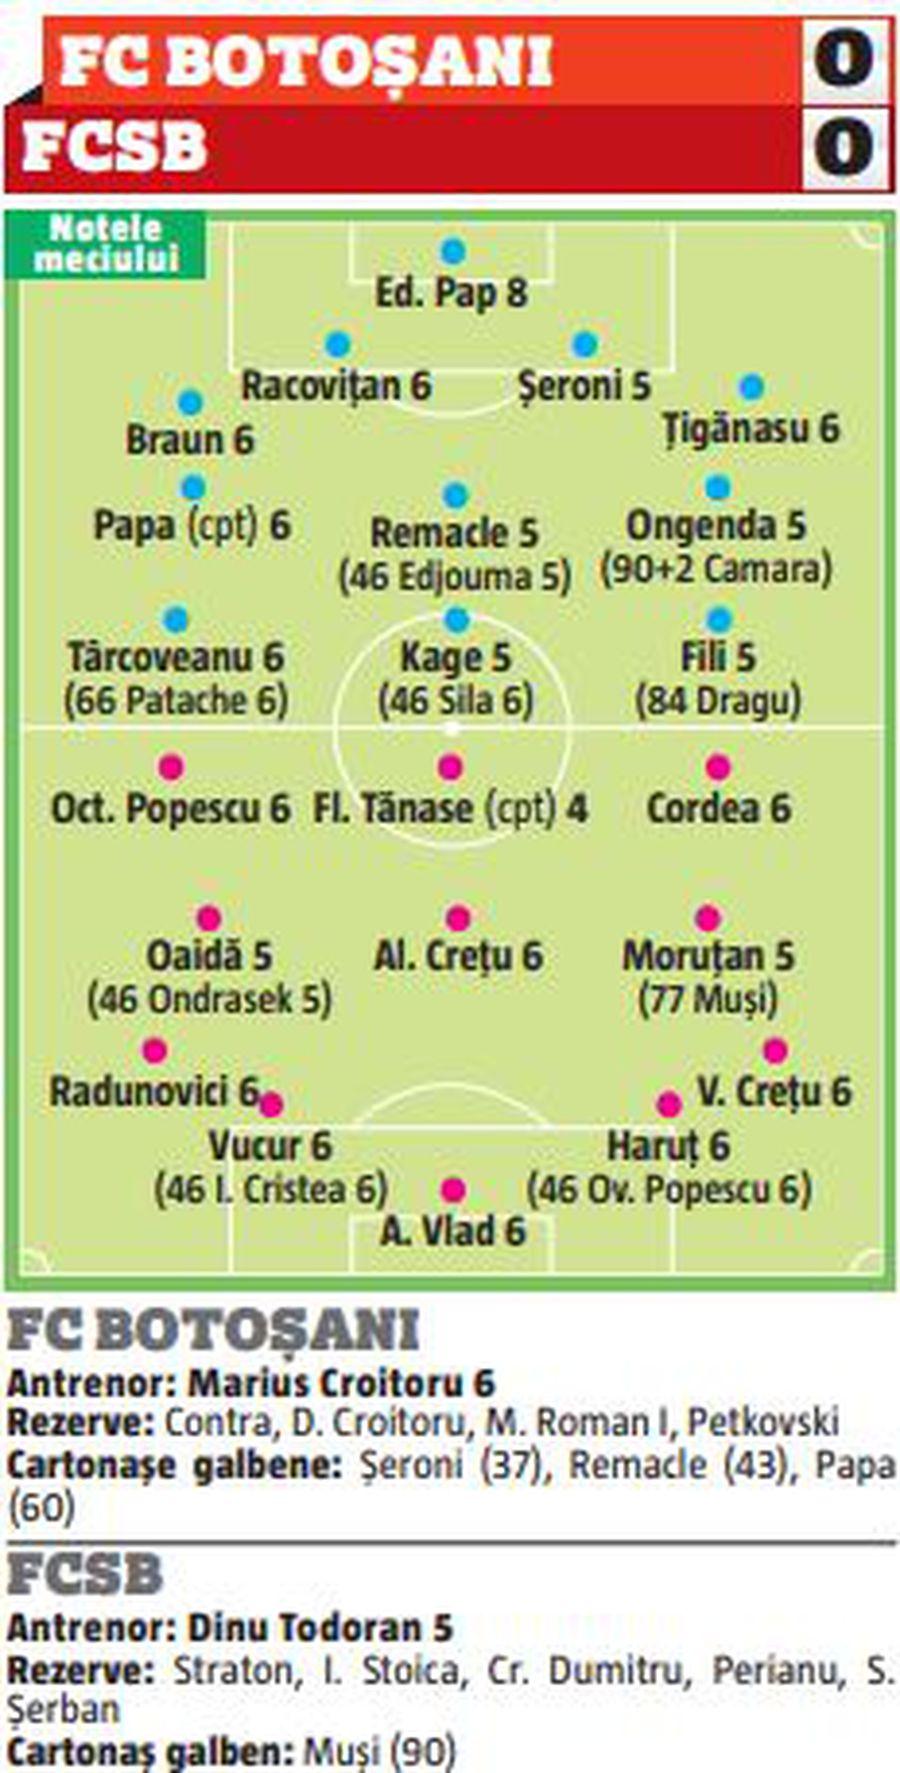 """""""Cel mai bun"""" pentru Gigi Becali, cel mai slab de pe teren! Toate notele după meciul de la Botoșani"""